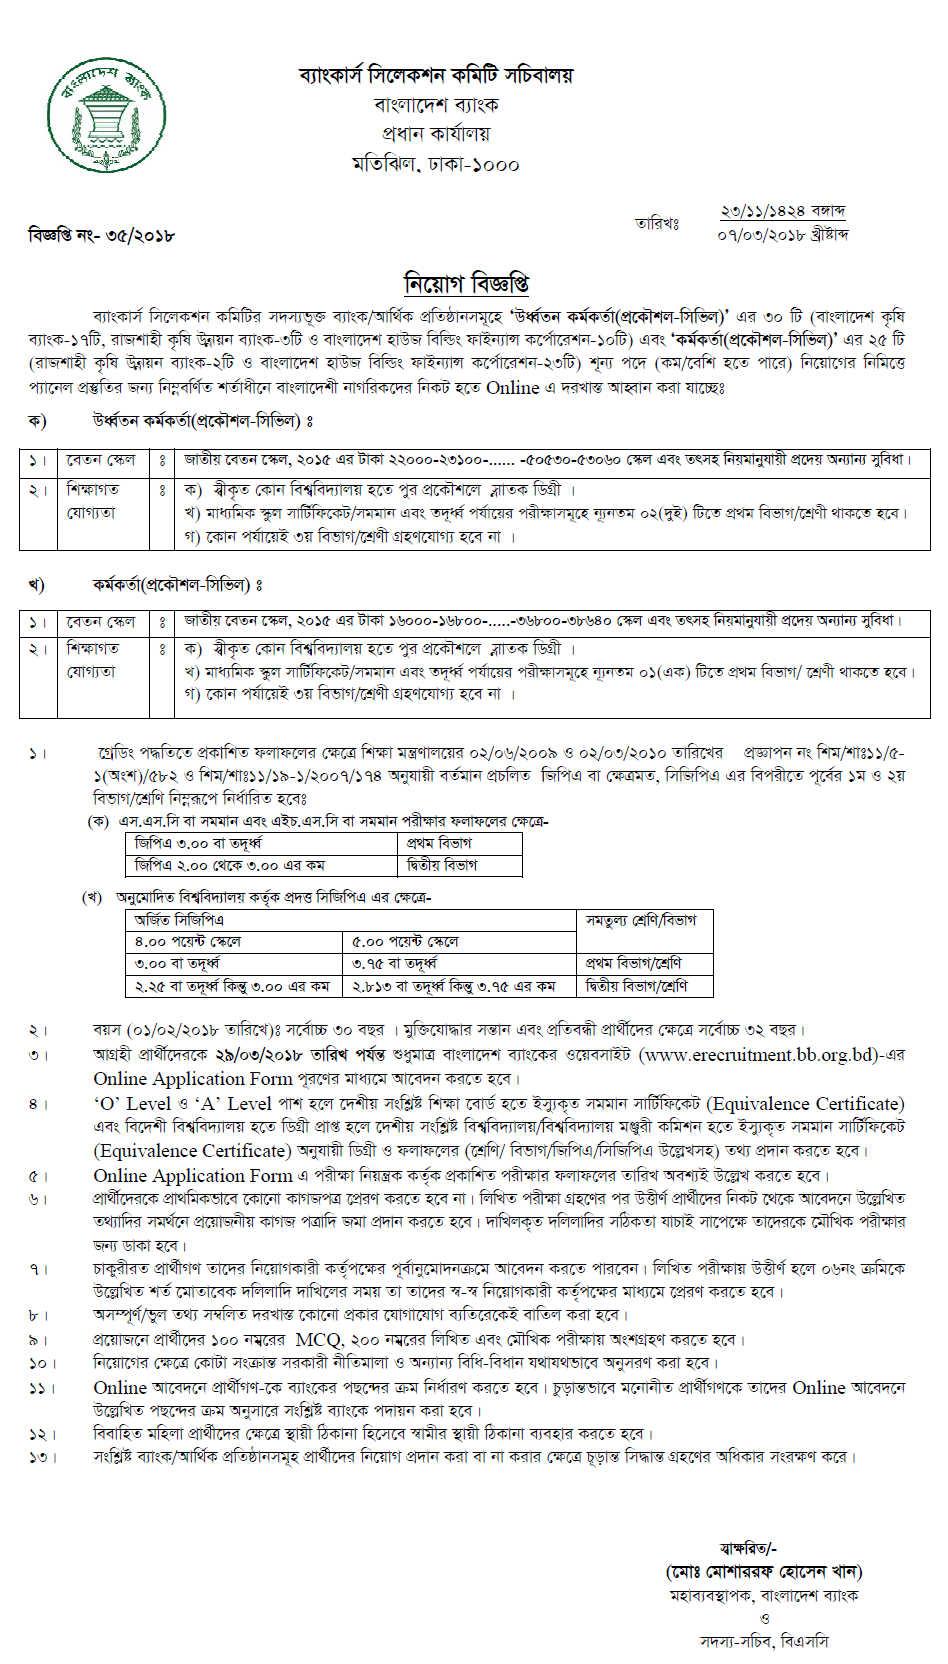 Bangladesh Krishi Bank Jobs Circula